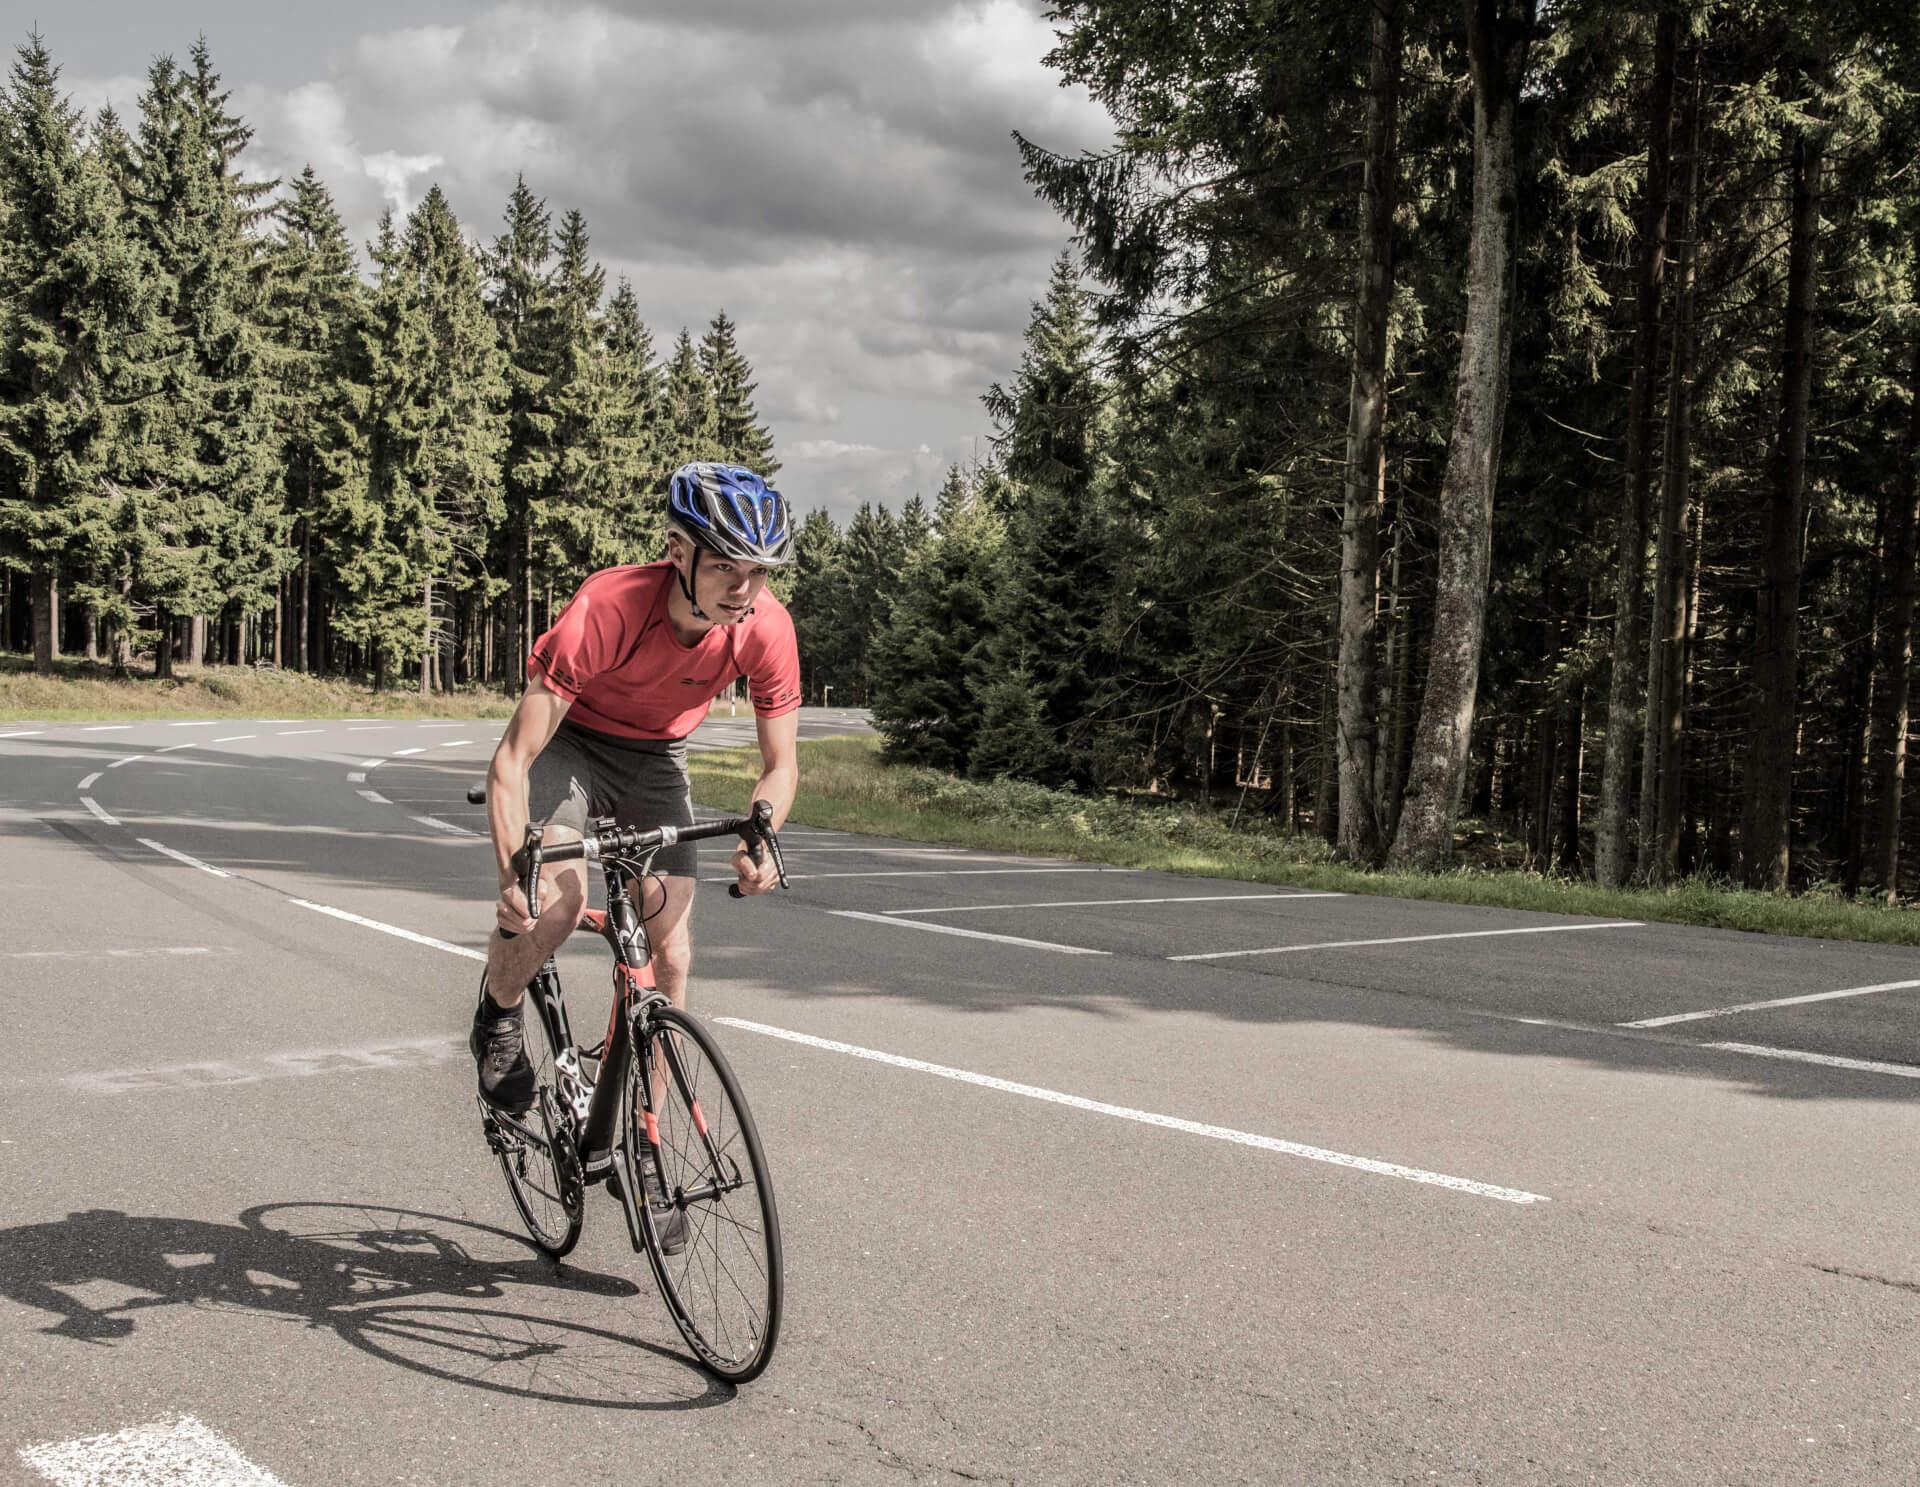 FEFLOGX Sportswear Mesh-Shirt und Tight-Shorts beim Fahrrad fahren im Taunus, großer Feldberg.